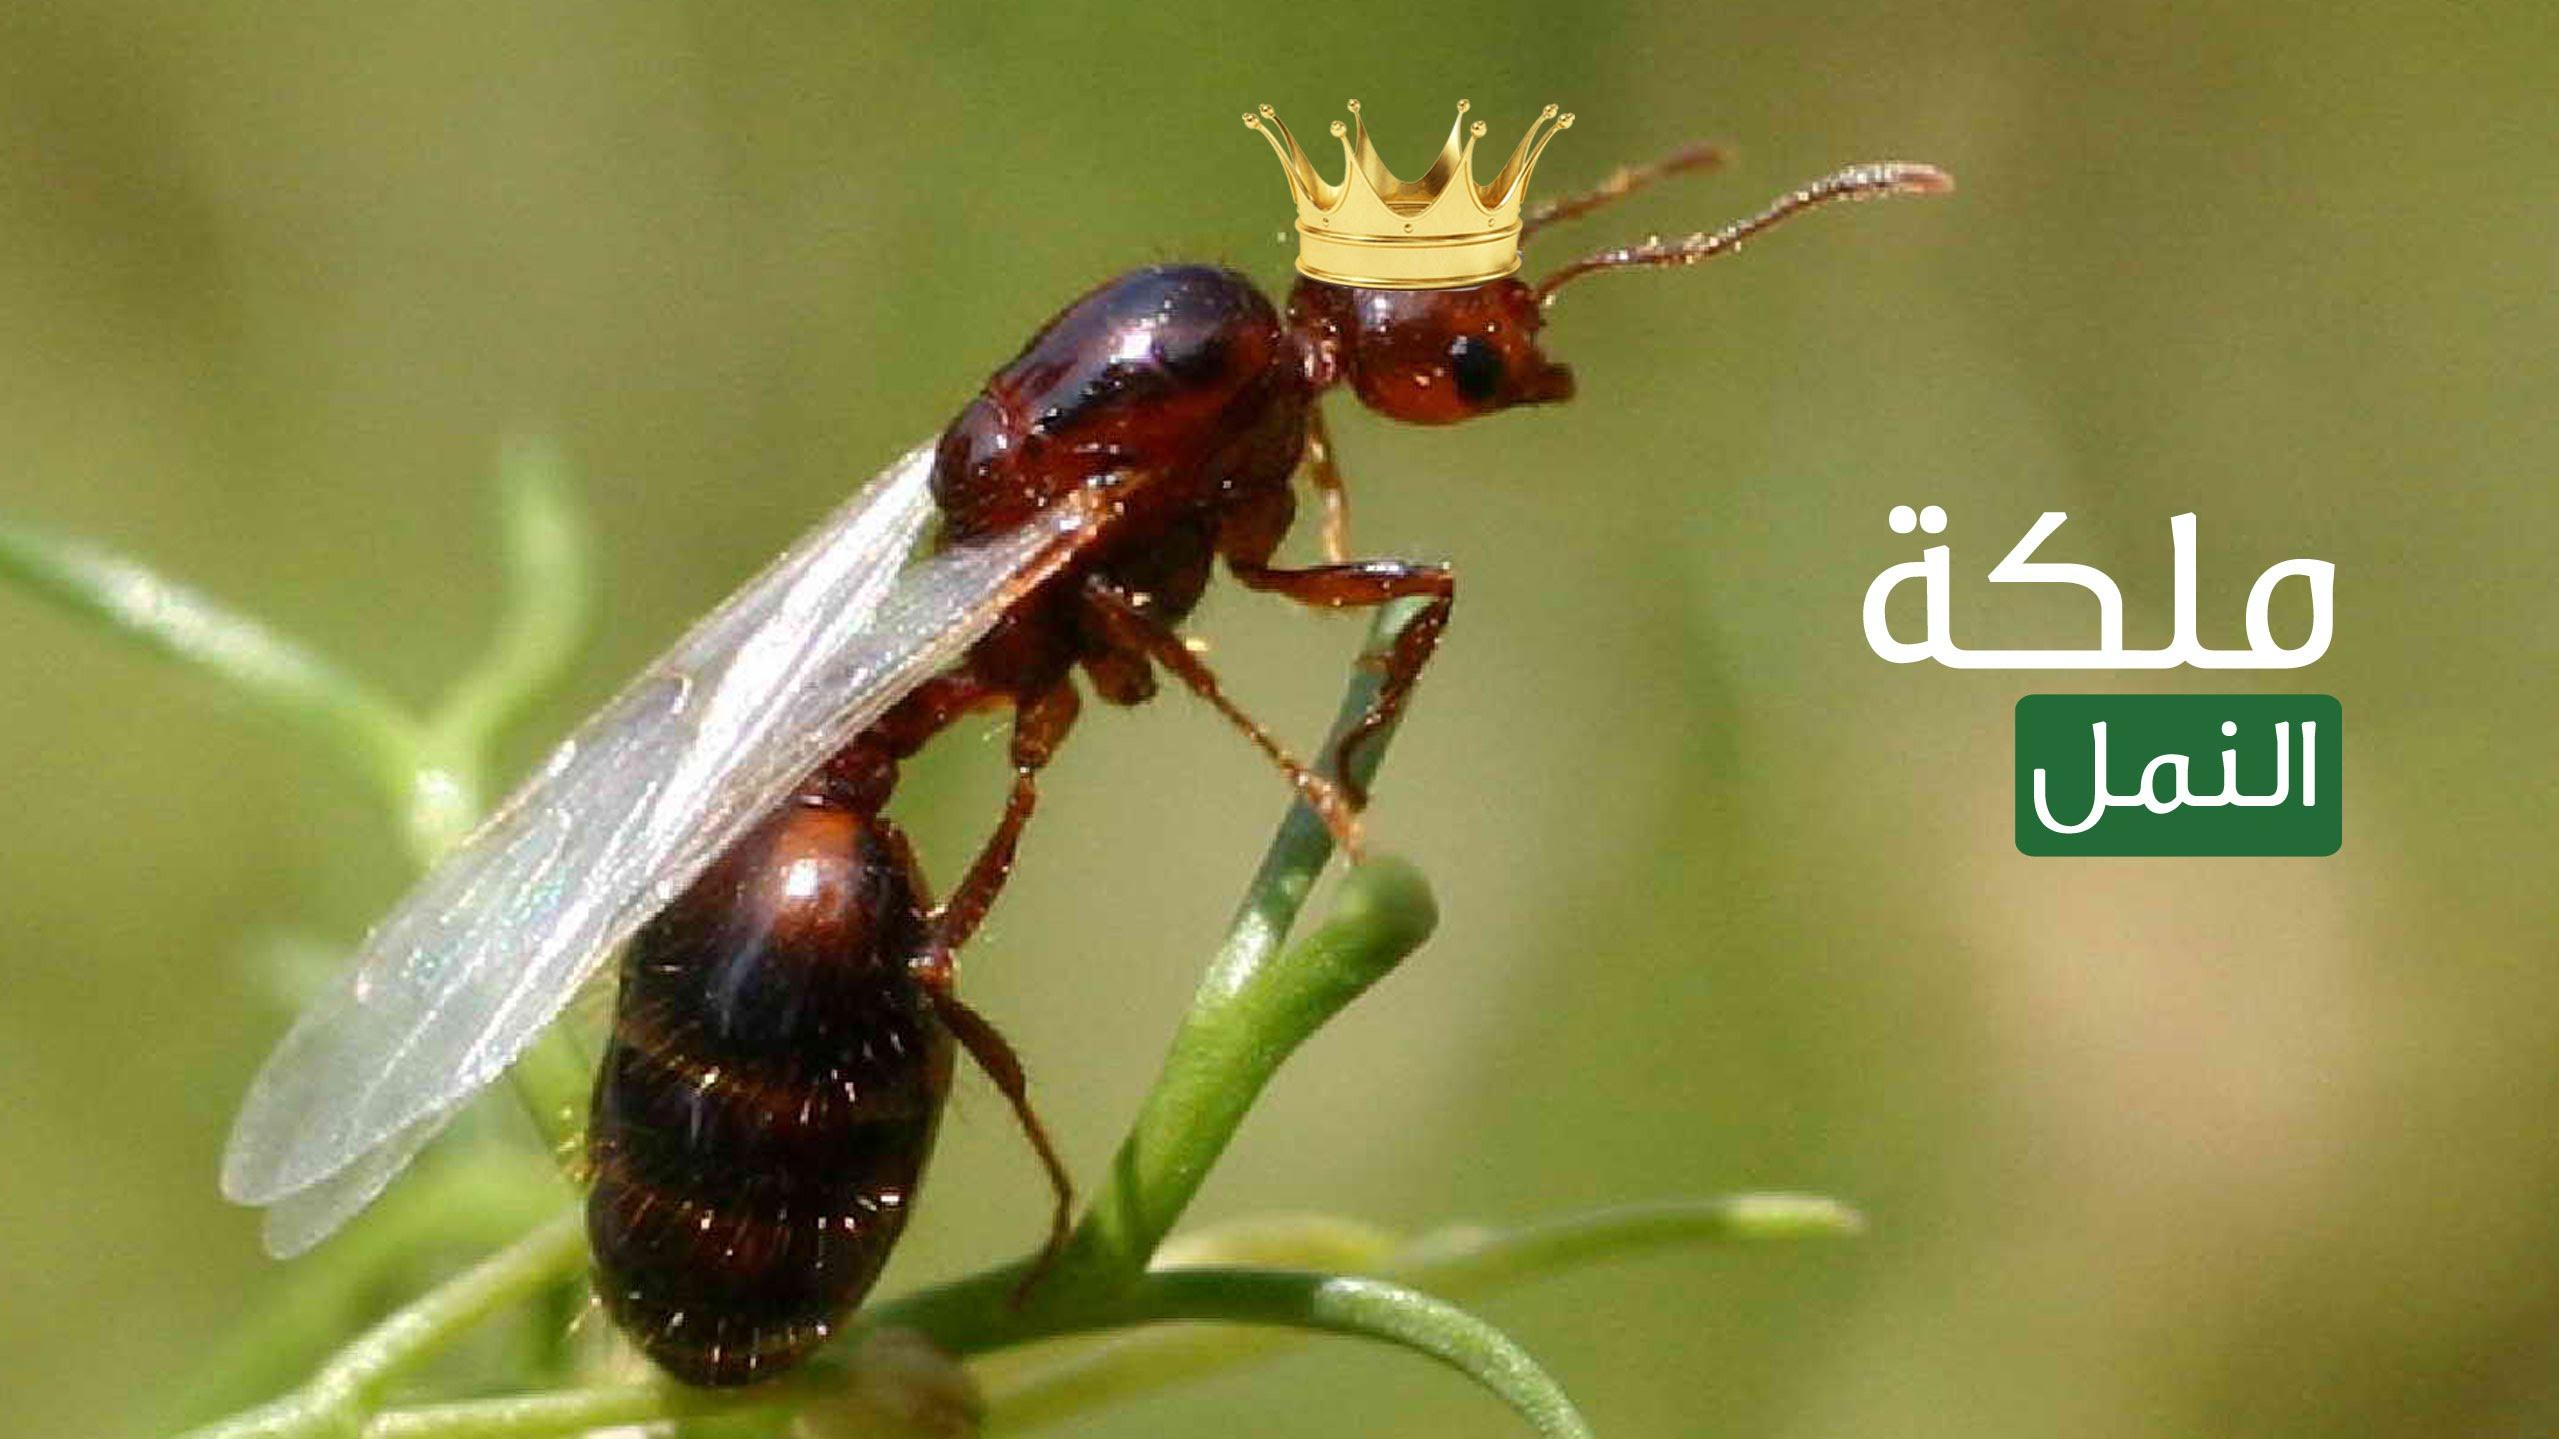 لماذا يموت النمل بعد موت ملكة النمل ؟